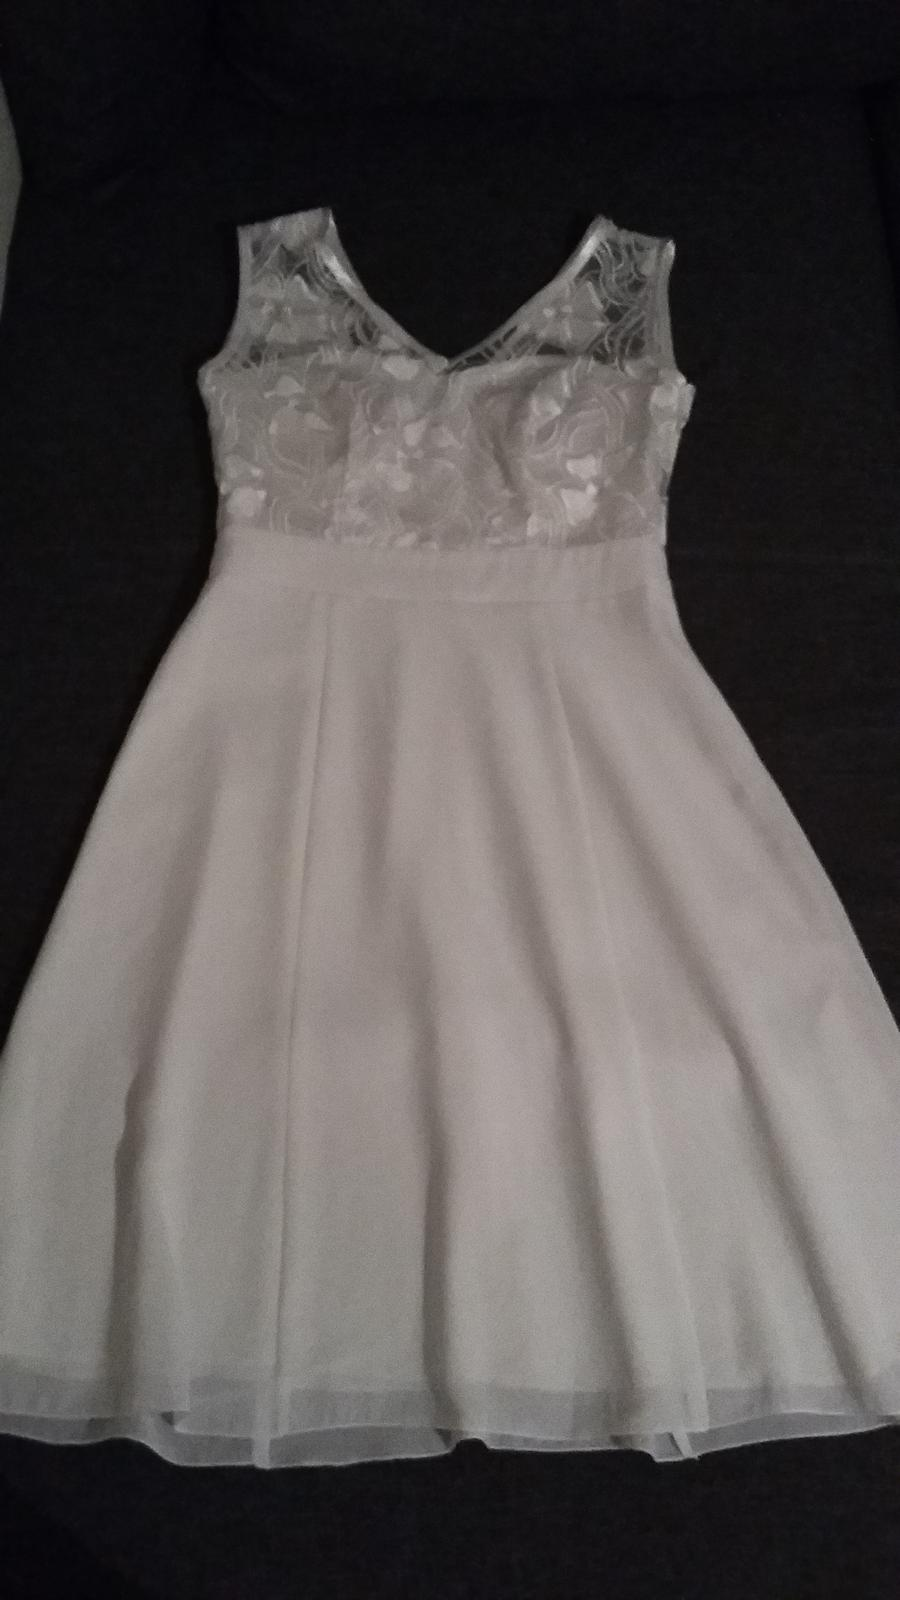 Bílé krátké šaty  - Obrázek č. 1